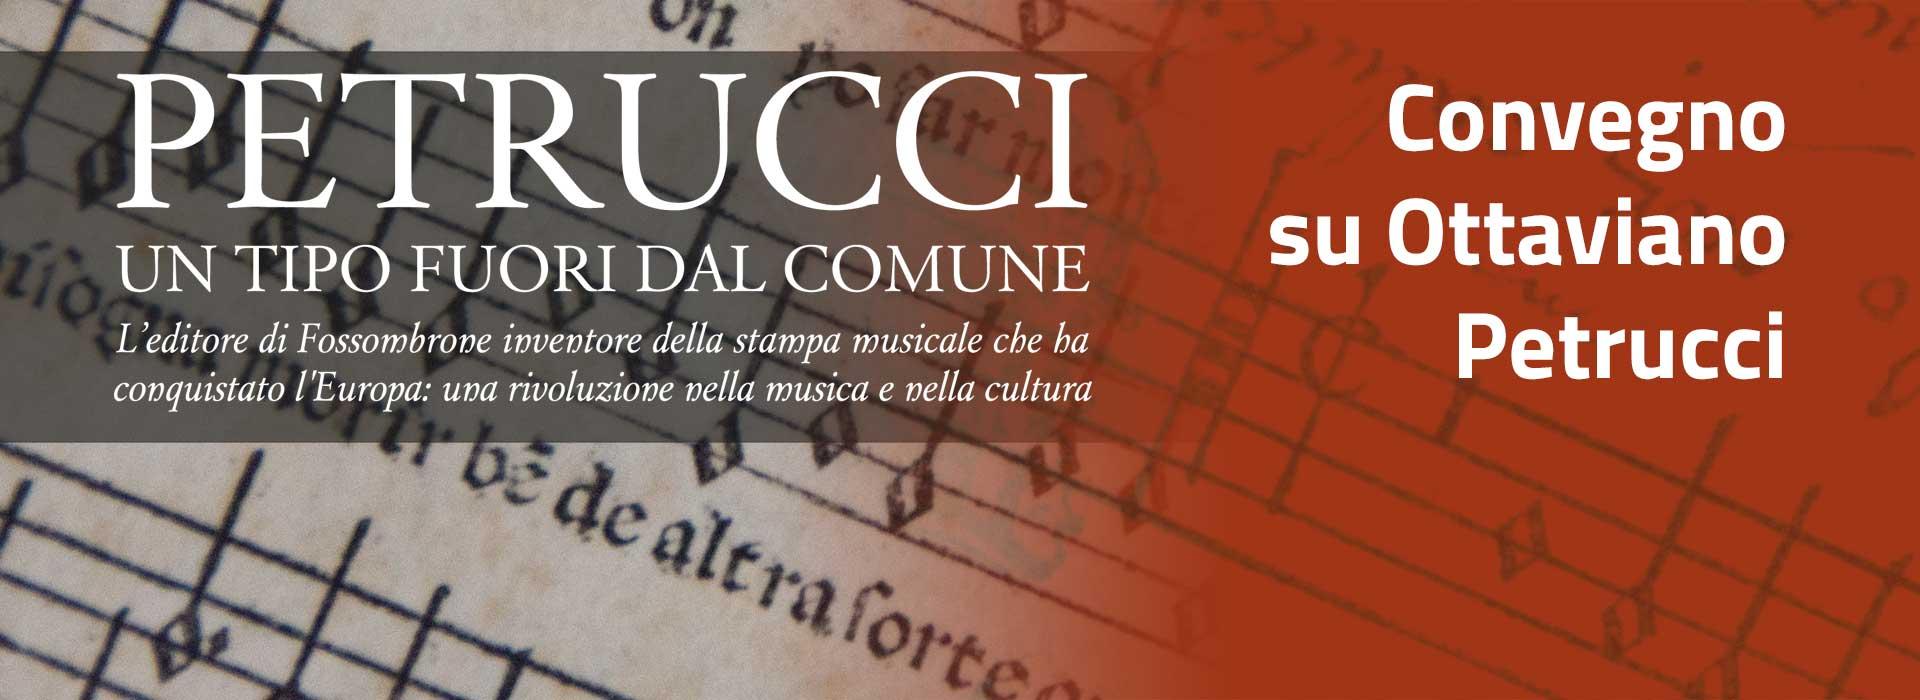 27 Maggio 2021 – Convegno Su Ottaviano Petrucci In Streaming